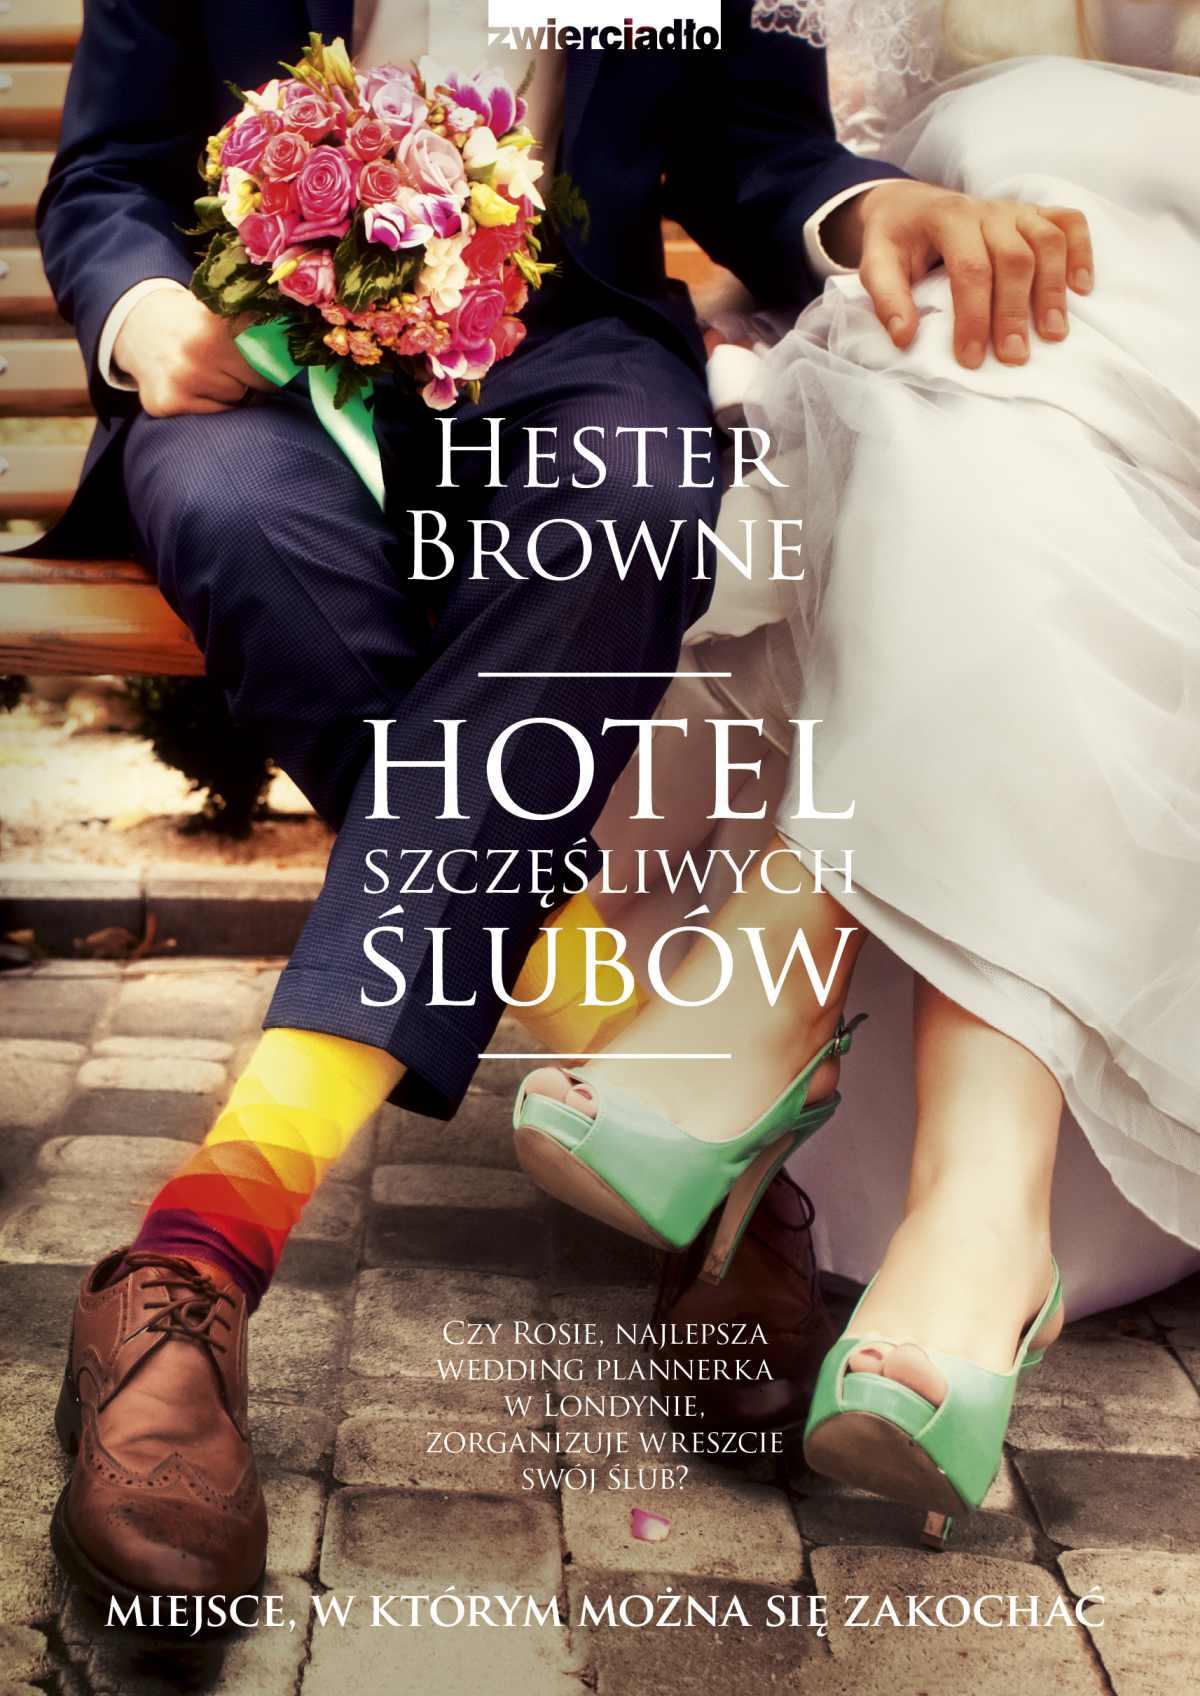 Hotel szczęśliwych ślubów - Ebook (Książka EPUB) do pobrania w formacie EPUB